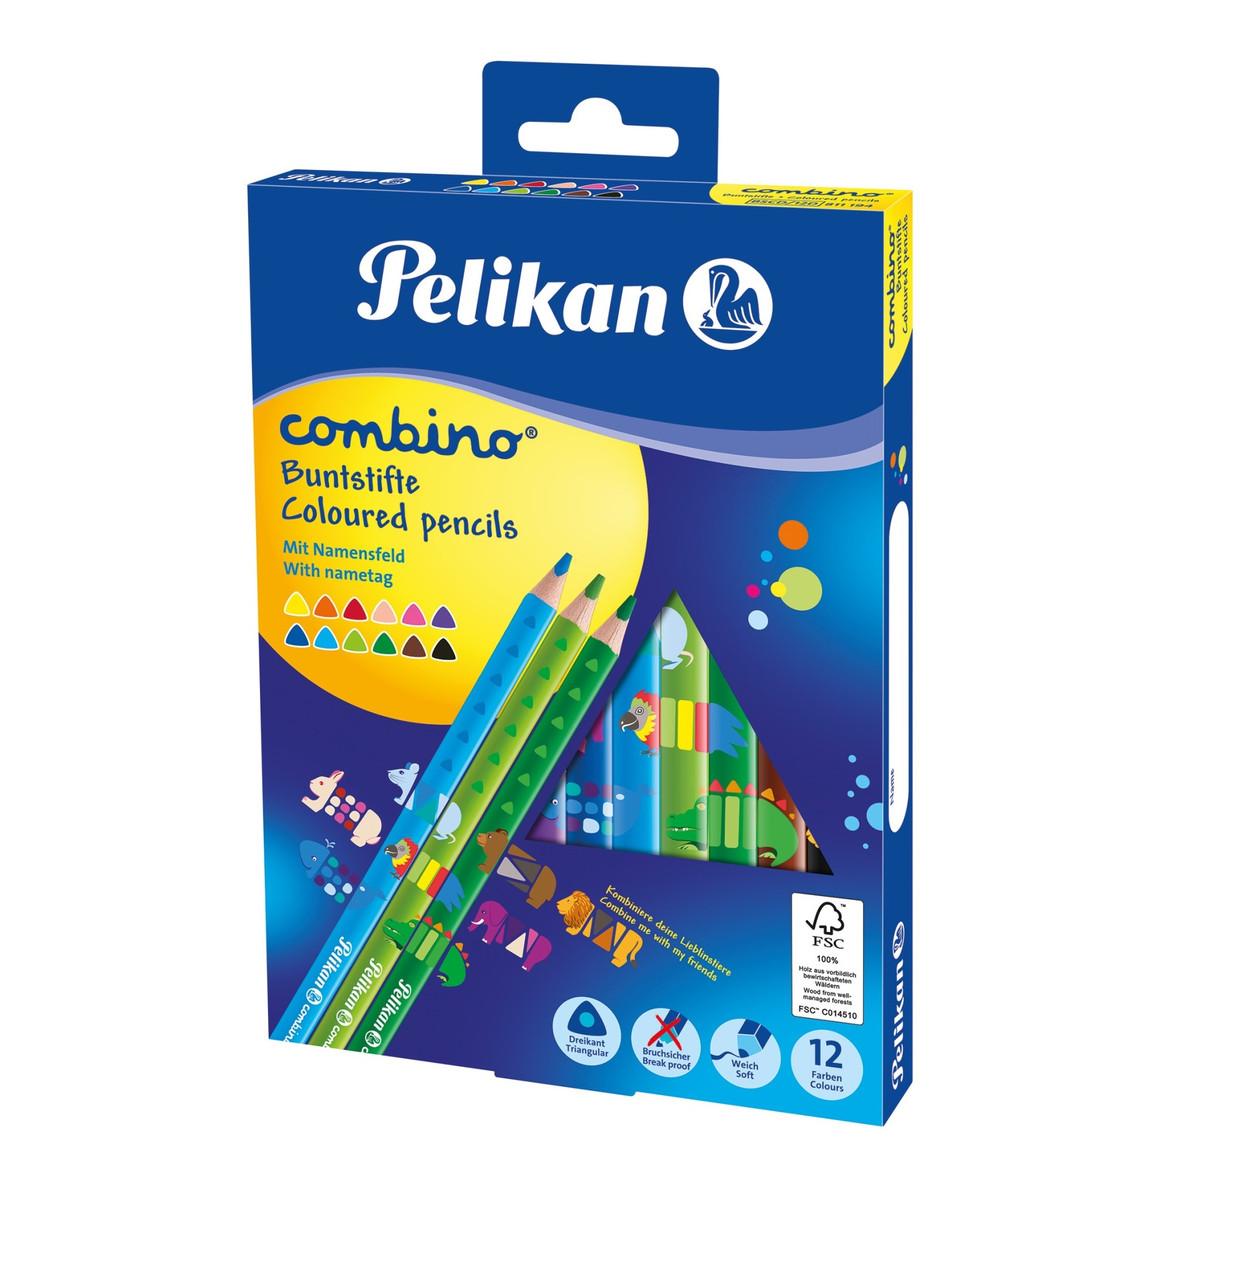 Карандаши цветные Pelikan Combino 12шт утолщенные с игровым принтом